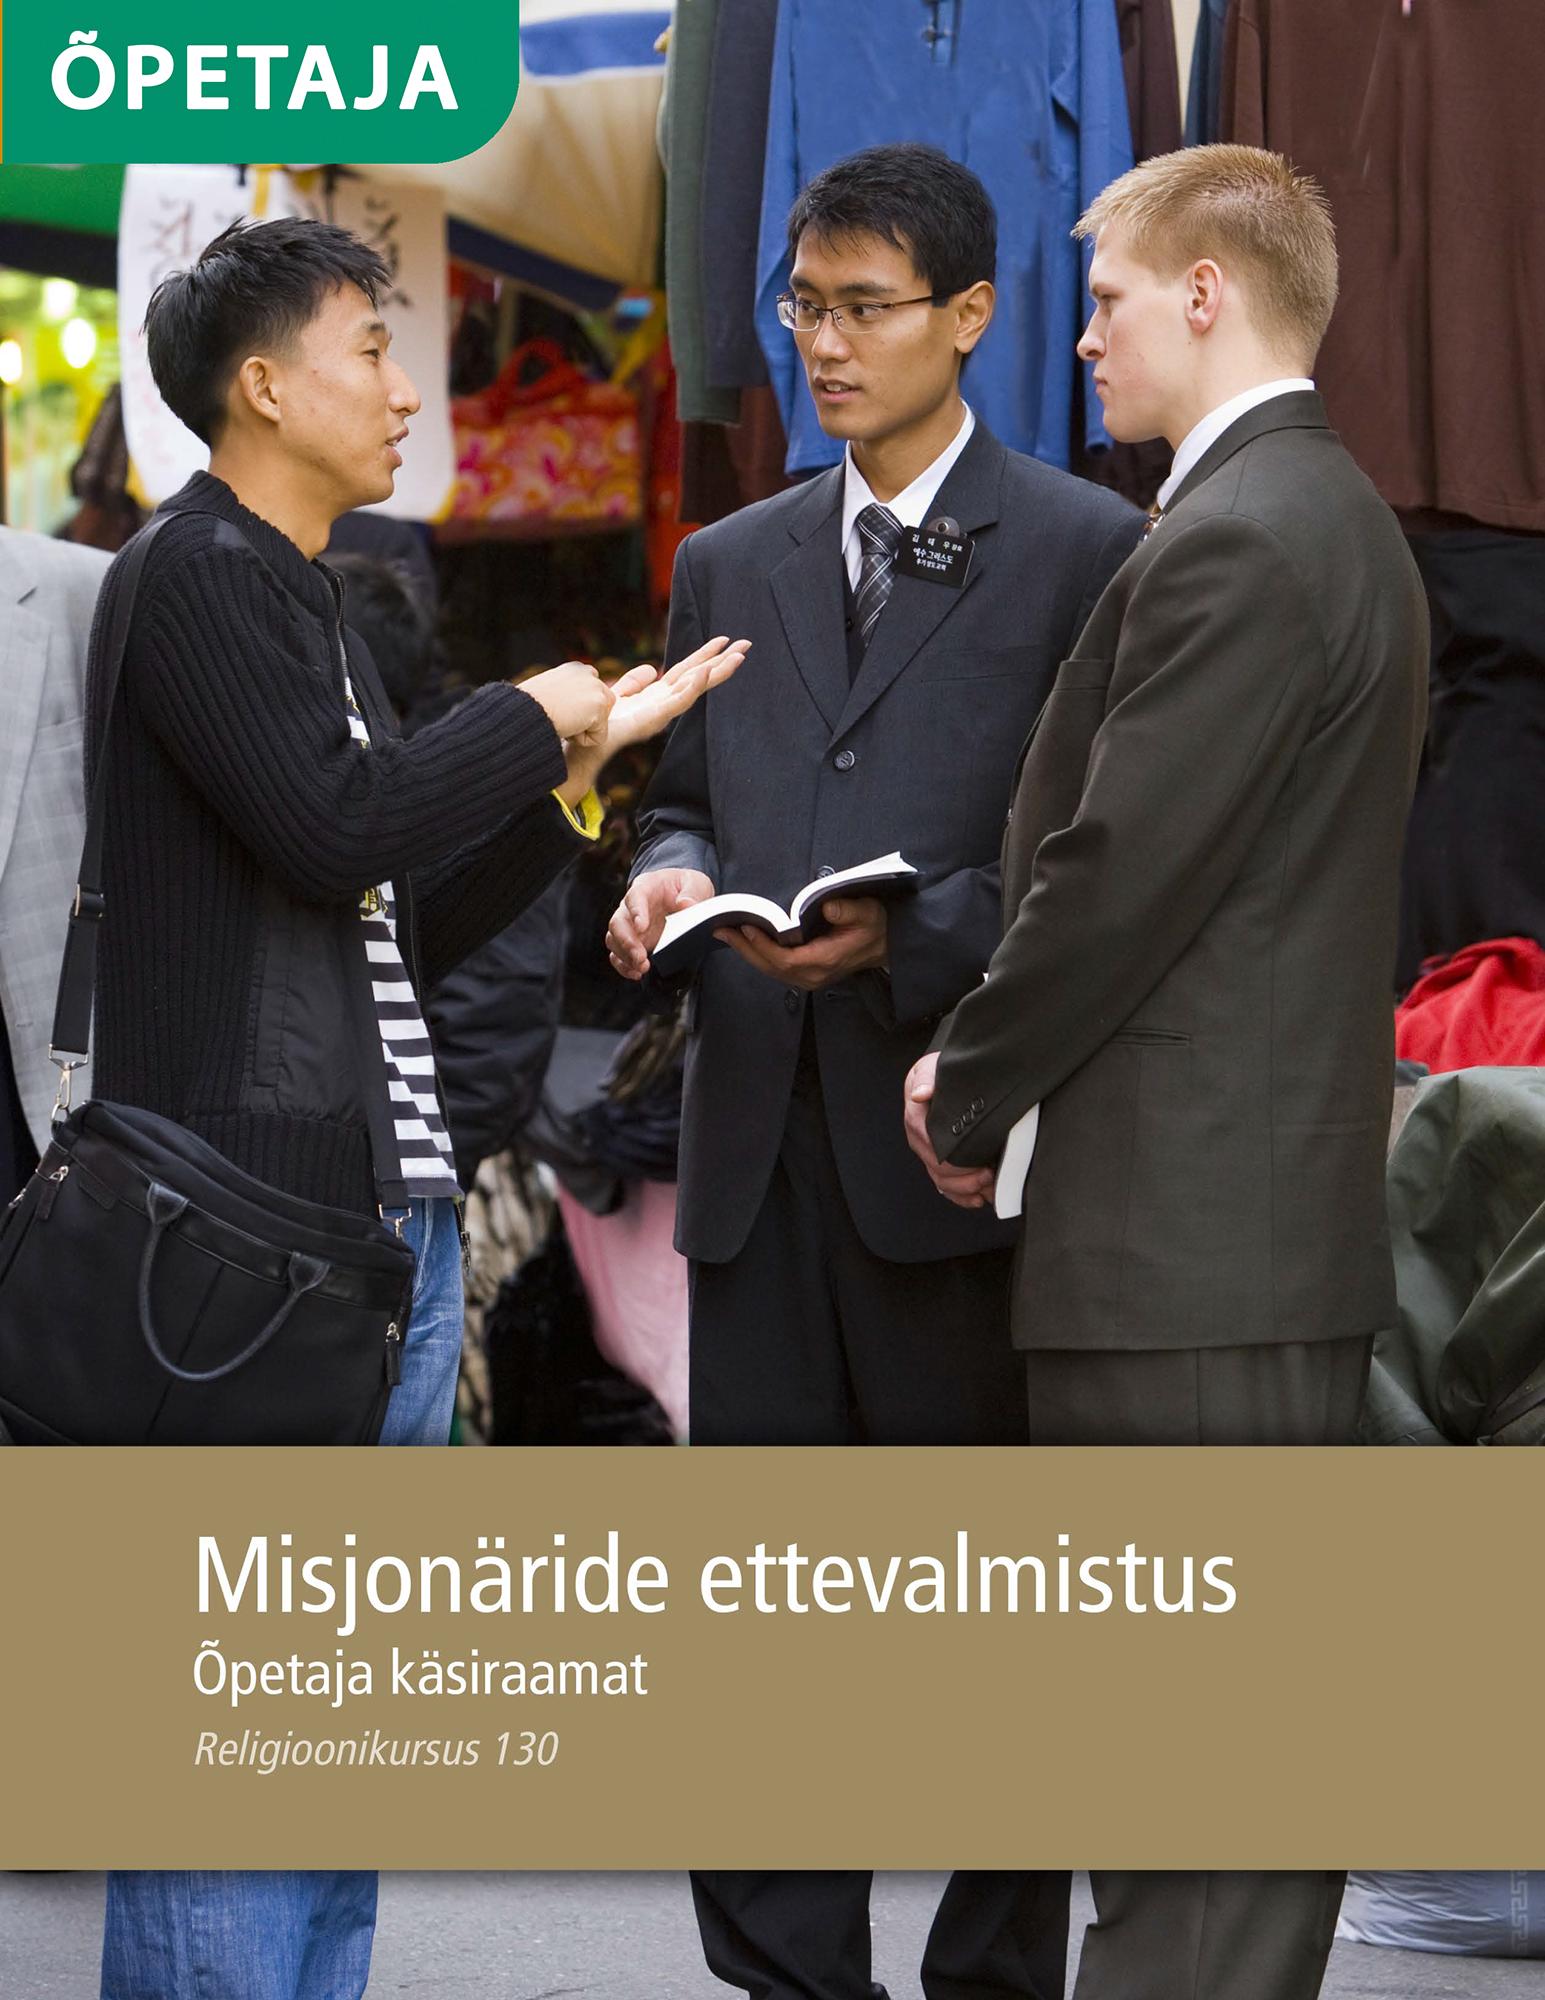 Misjonäride ettevalmistuskursuse õpetaja käsiraamat (Religioonikursus 130)